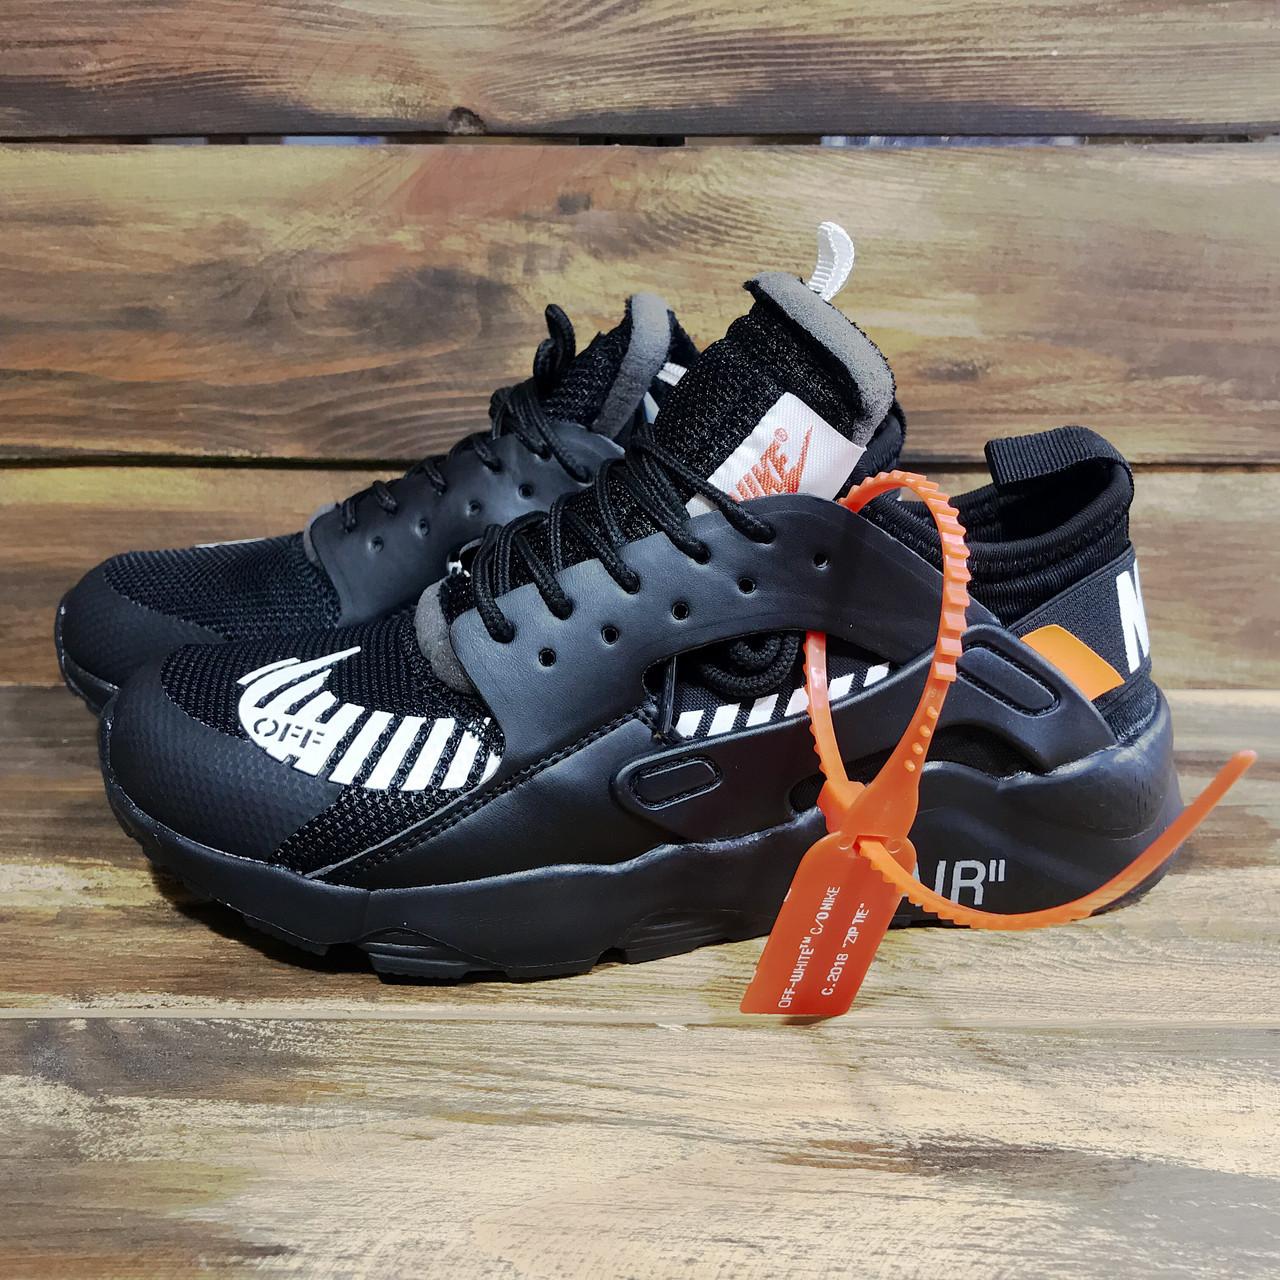 71fbb6d83f0b8d Кроссовки Женские Nike Huarache X OFF-White(реплика) 00028 — в ...